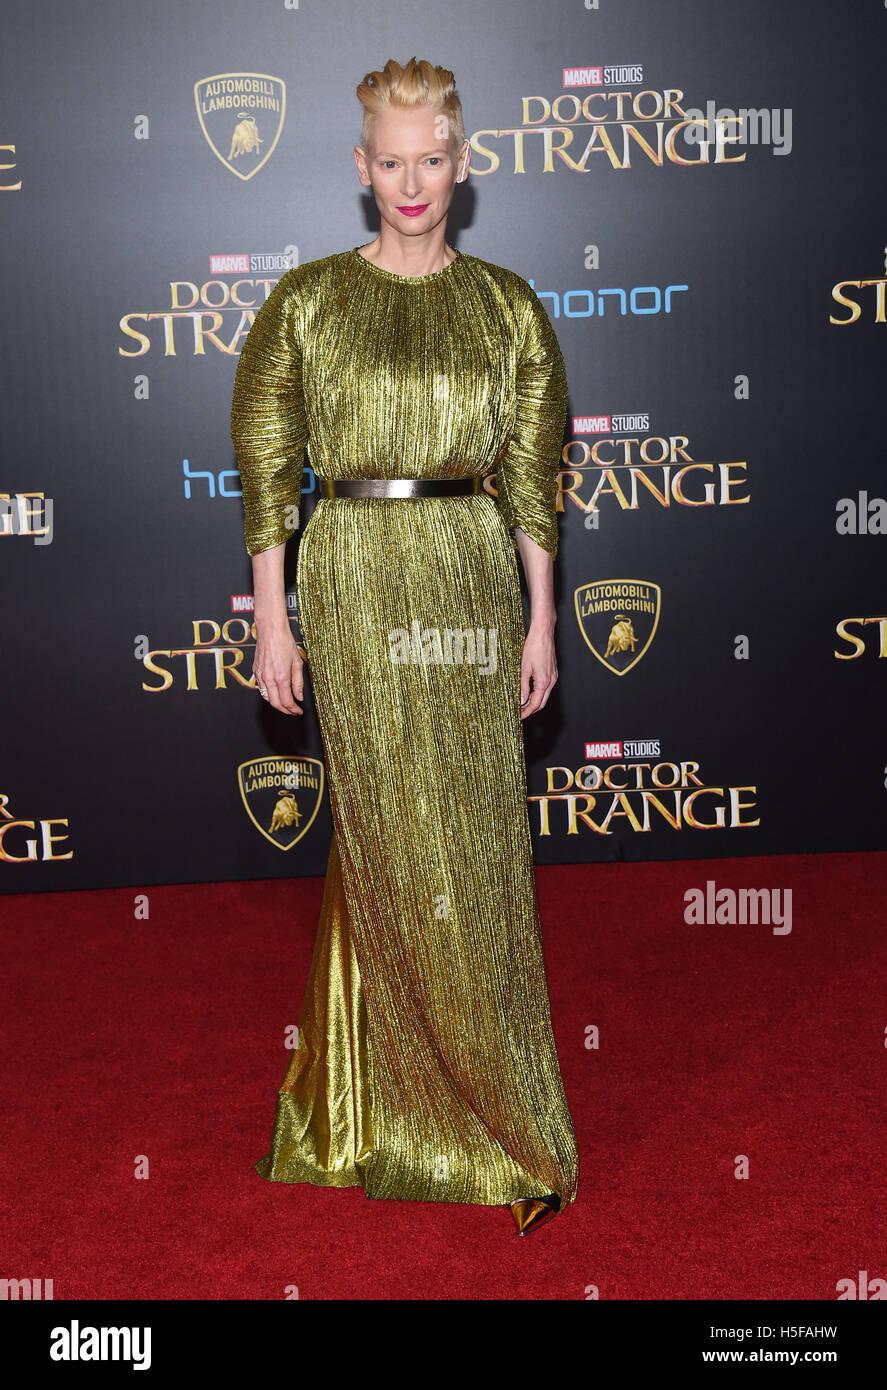 Hollywood, California, USA. 20 Oct, 2016. Tilda Swinton llega para el estreno de la película 'Doctor extraño' Imagen De Stock